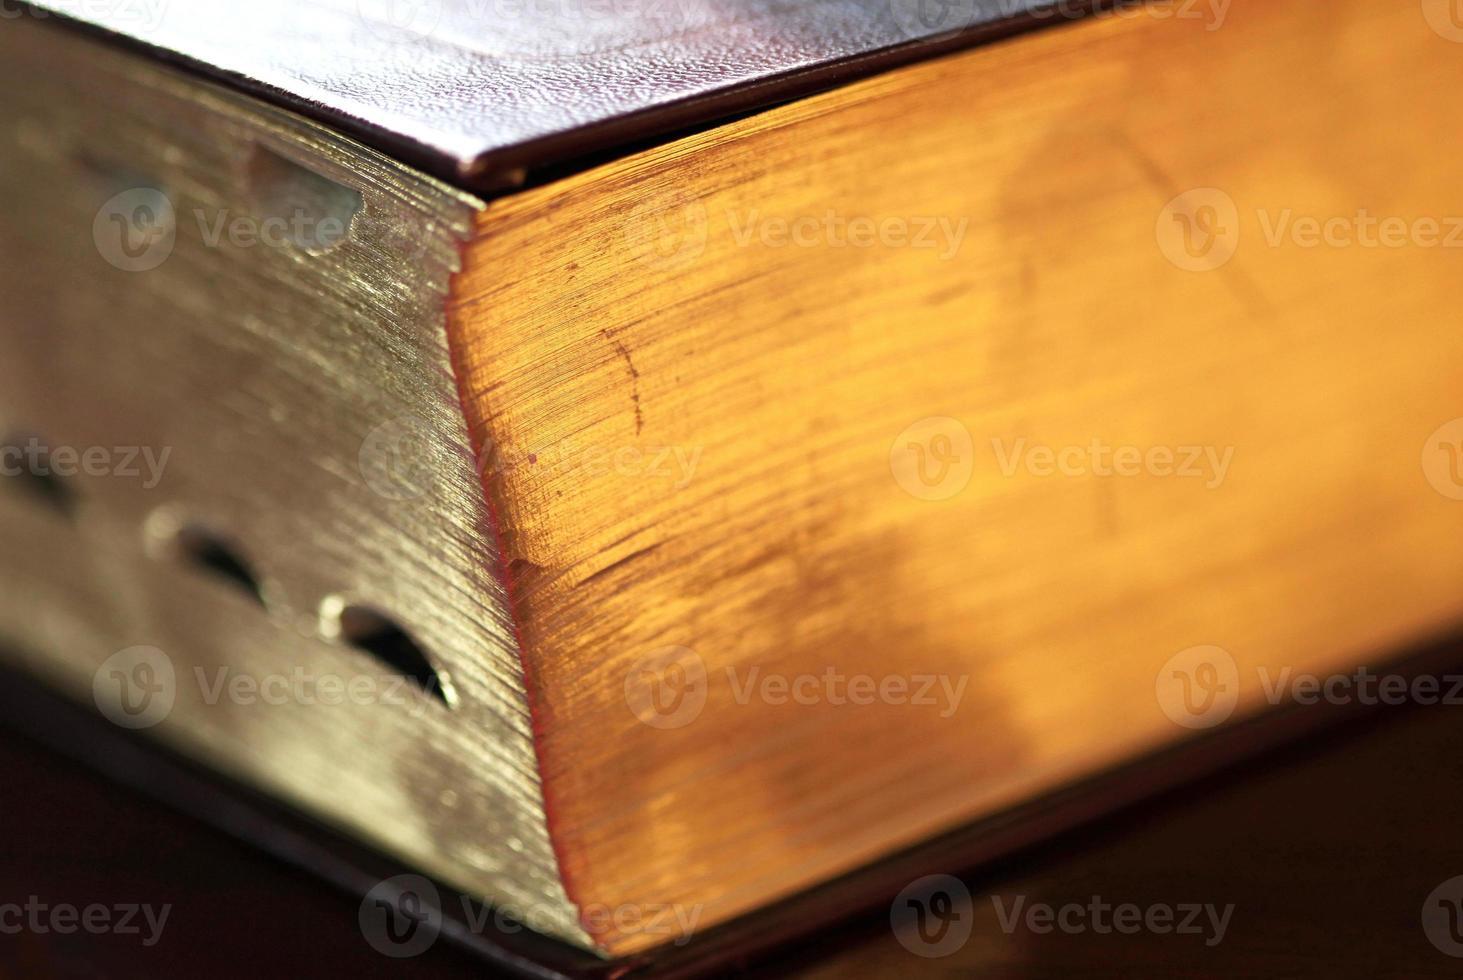 Bible close up photo